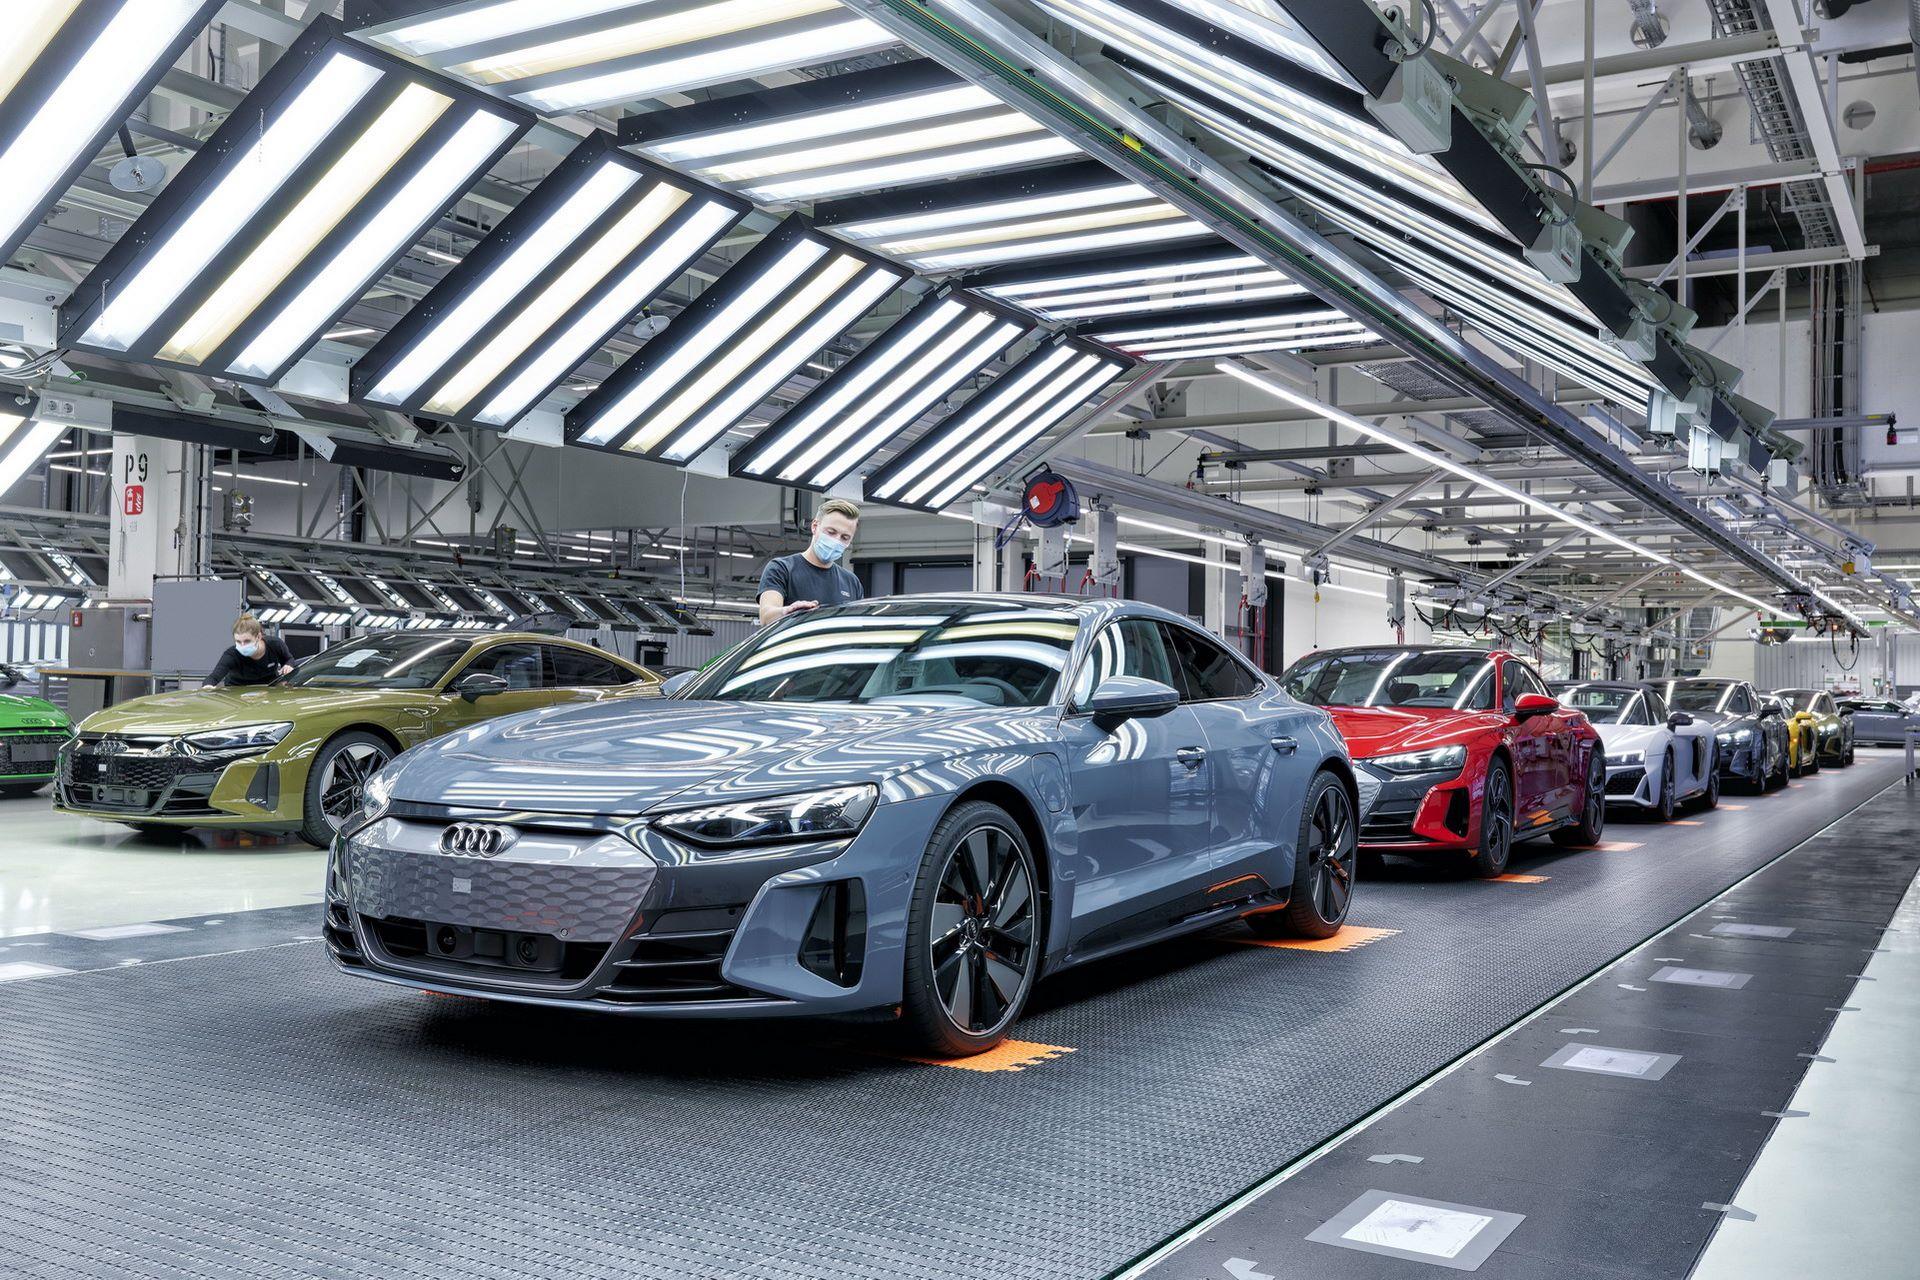 1_2022-Audi-e-tron-GT-plant-20